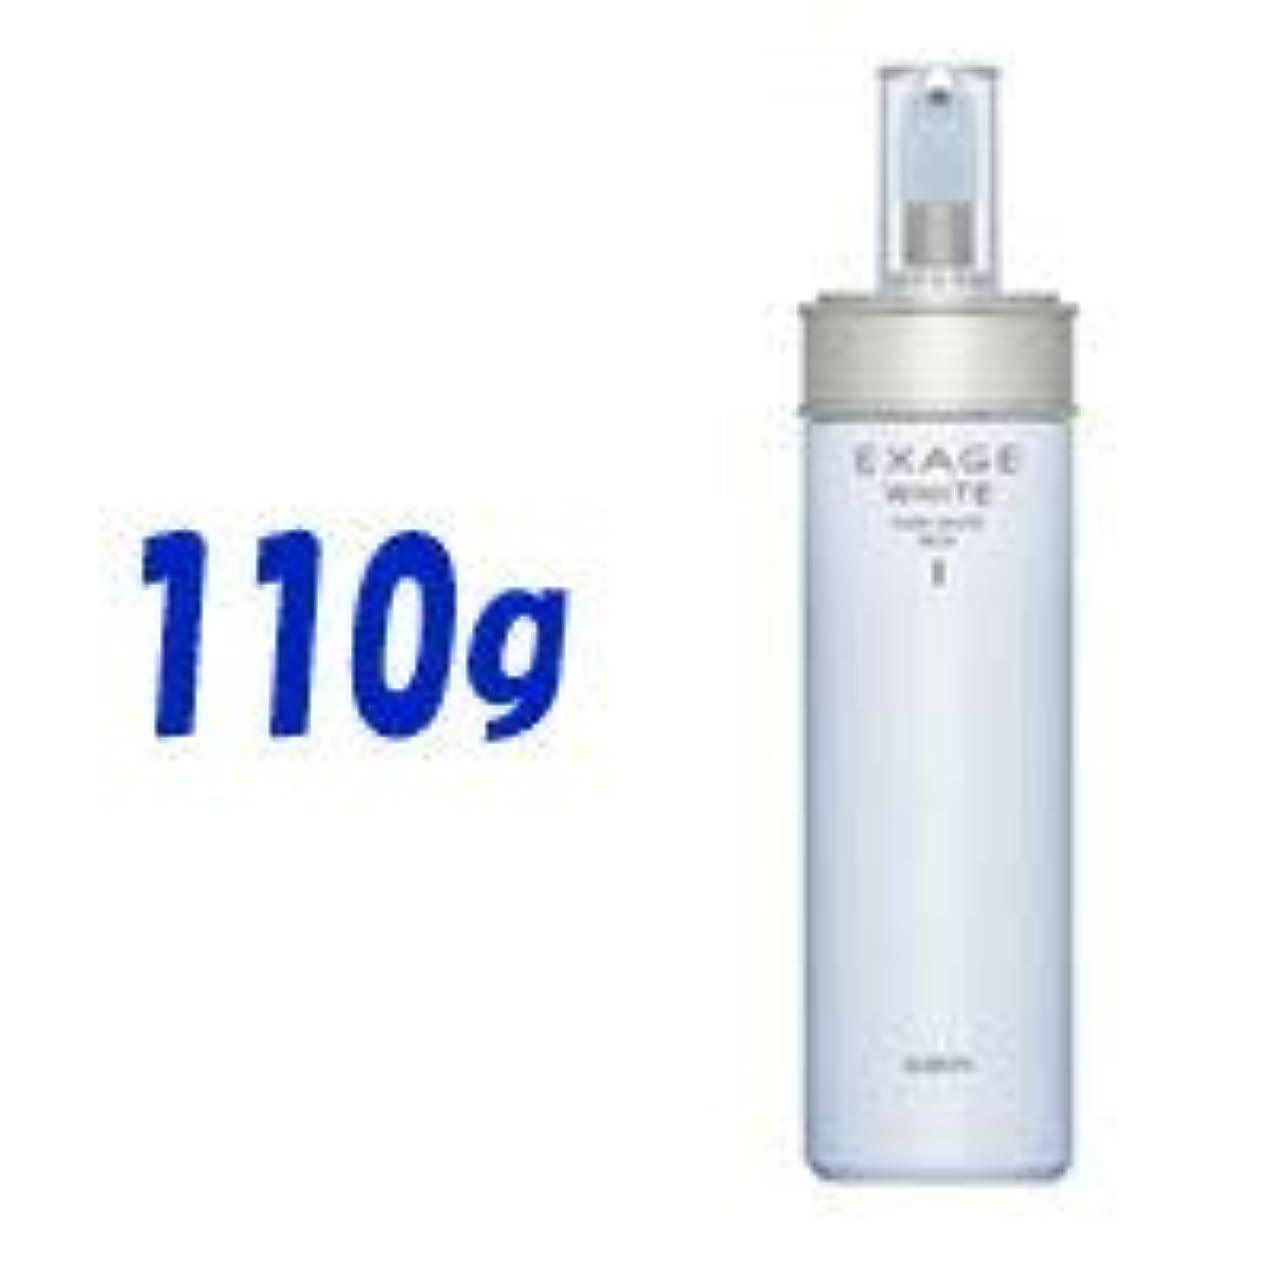 生理リネン古代アルビオン エクサージュ ホワイトピュアホワイトミルク(1) 110g